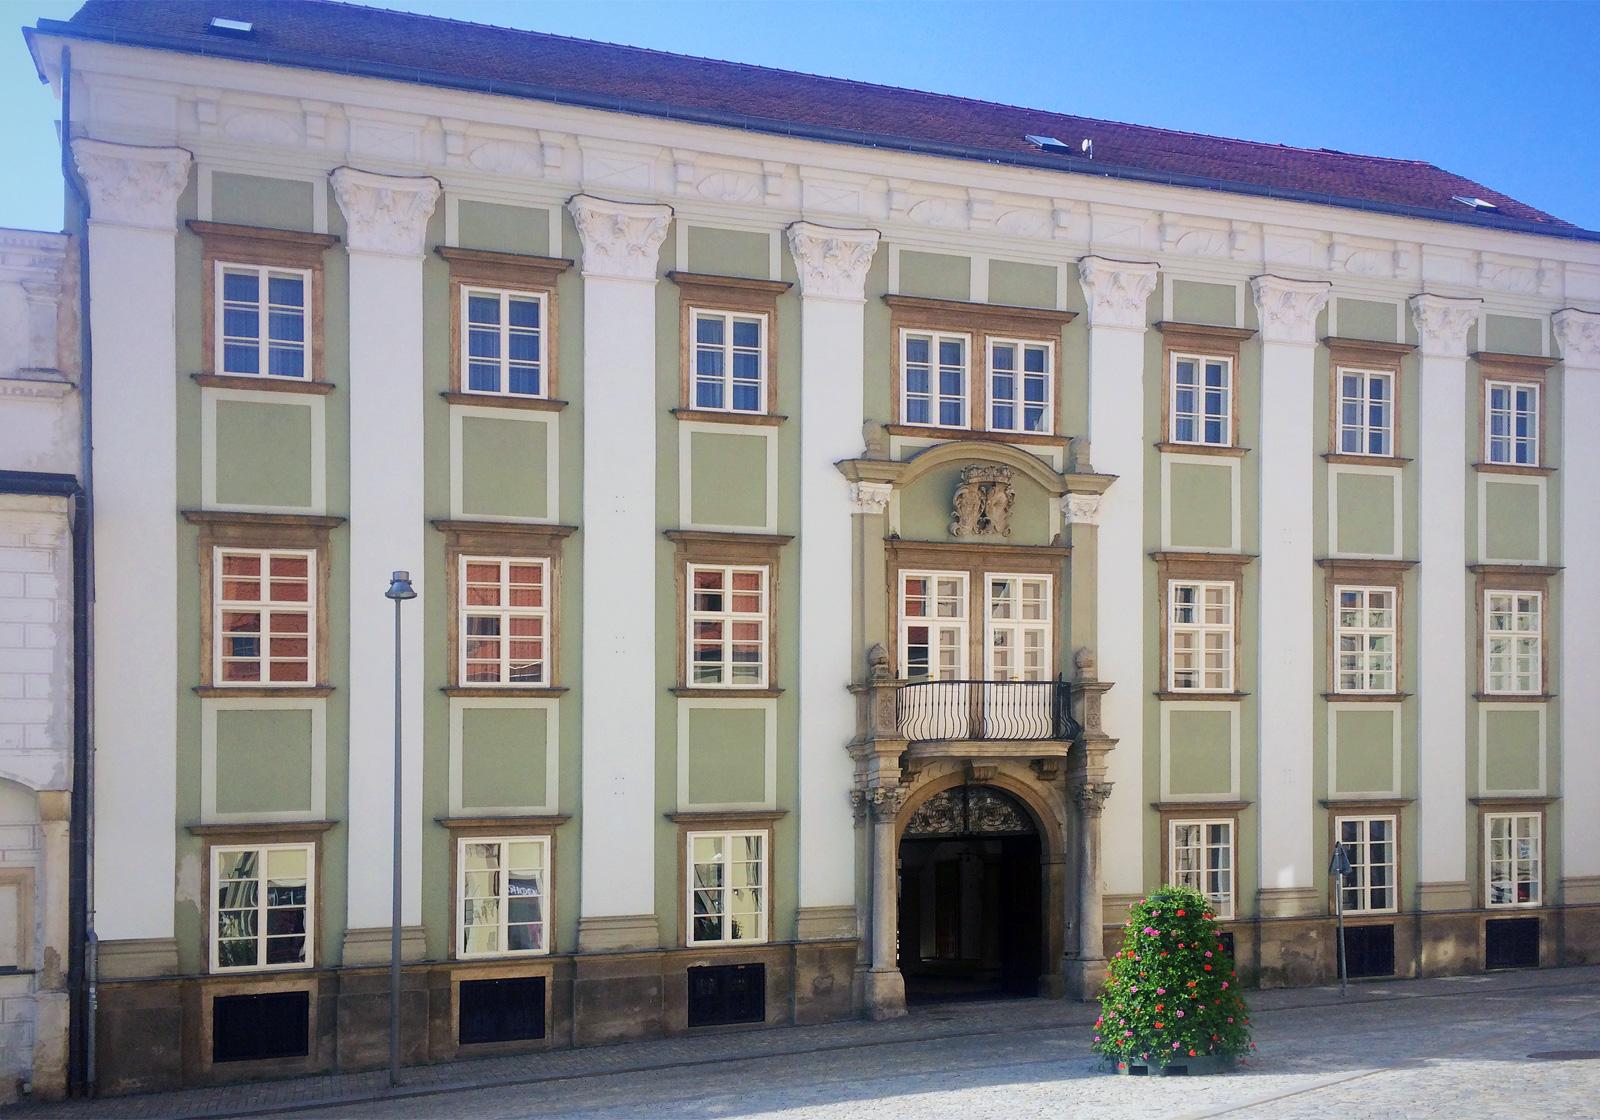 Altahnský palác